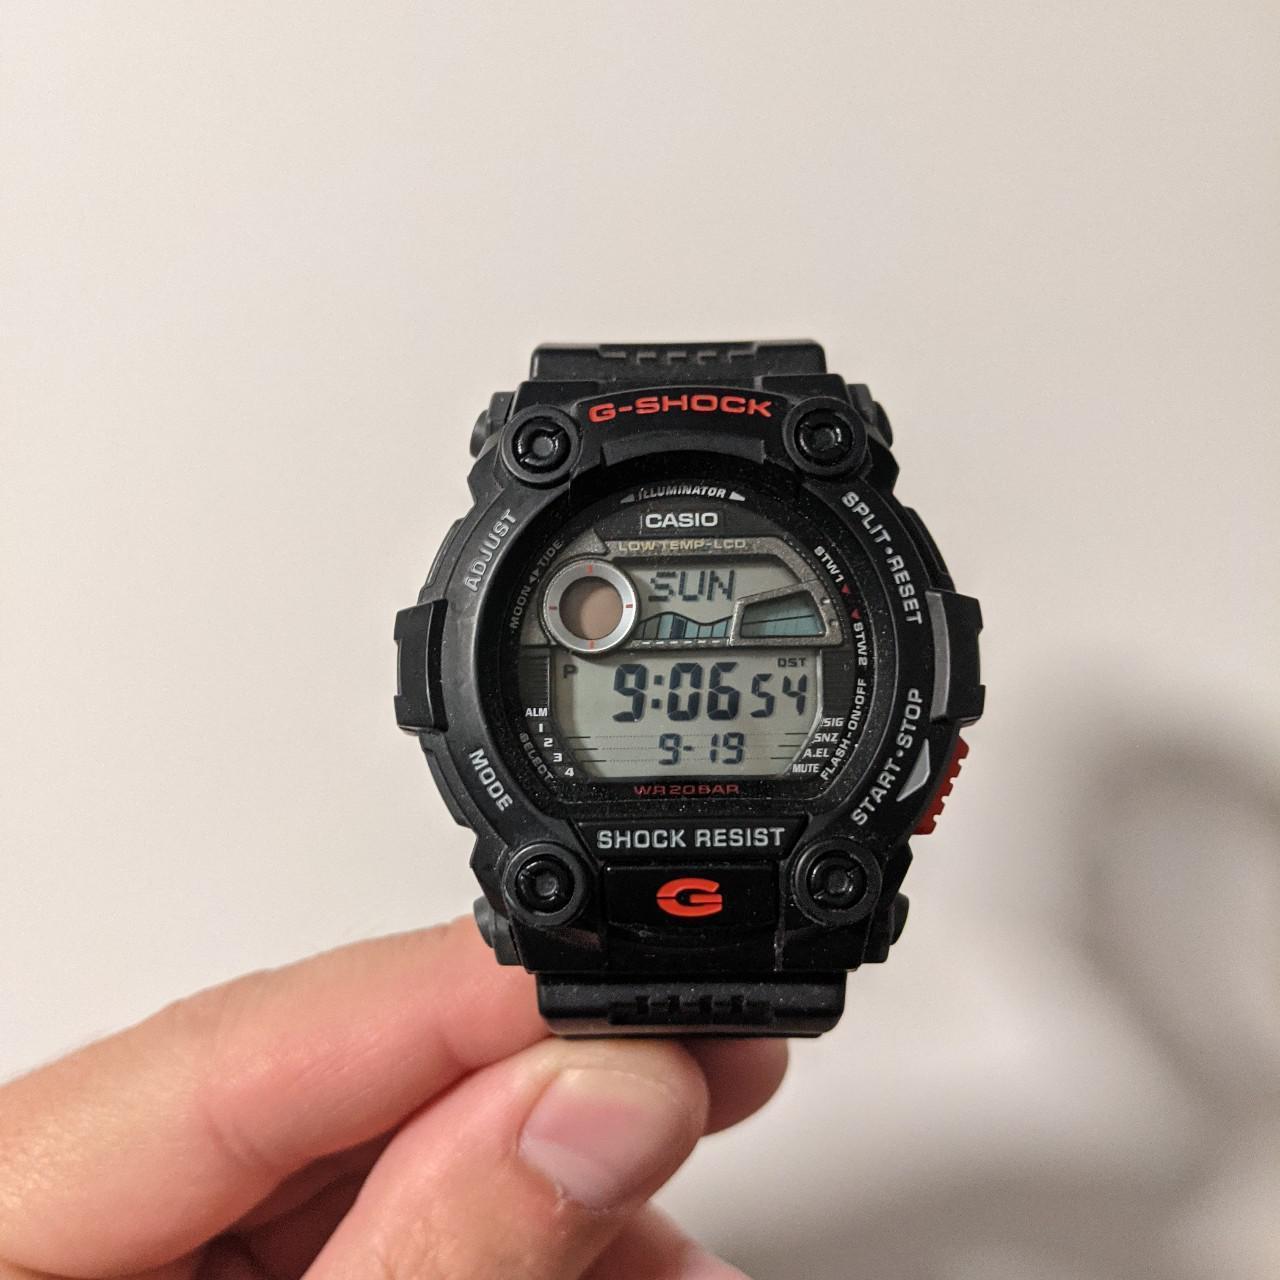 Product Image 1 - G shock G-7900 (aka g